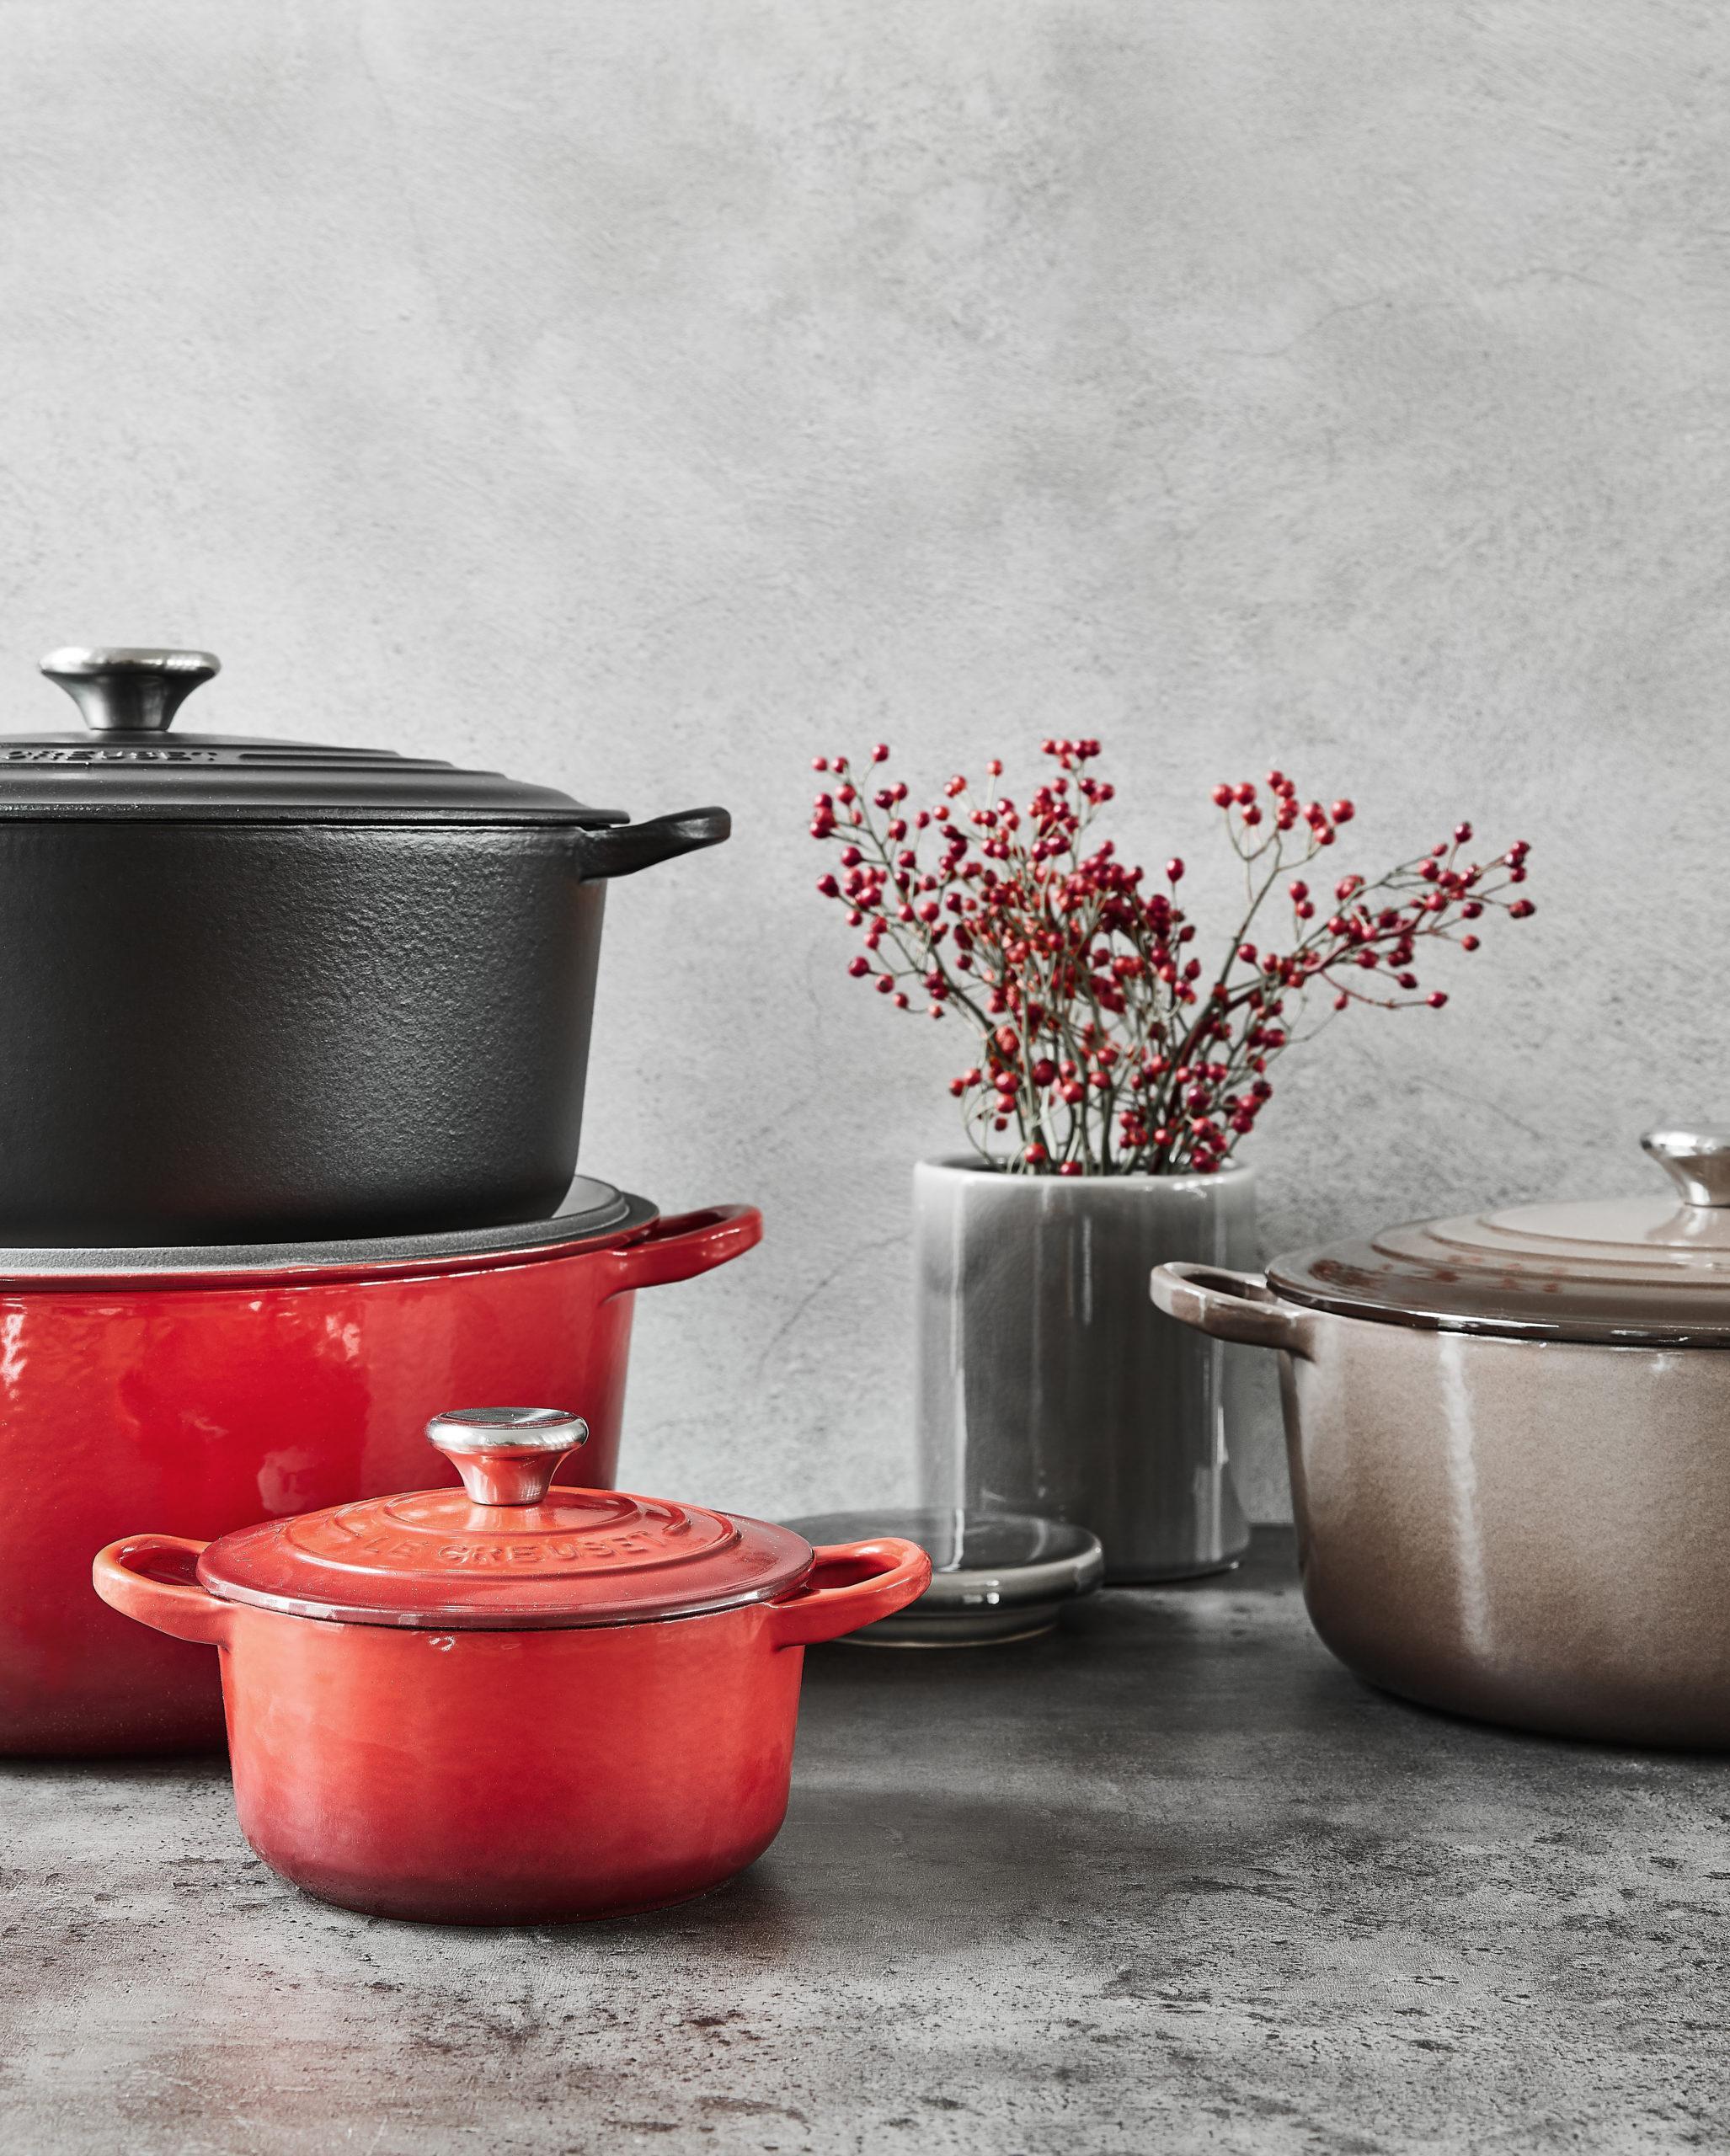 moderne keuken met betonnen aanrecht en rode pannen